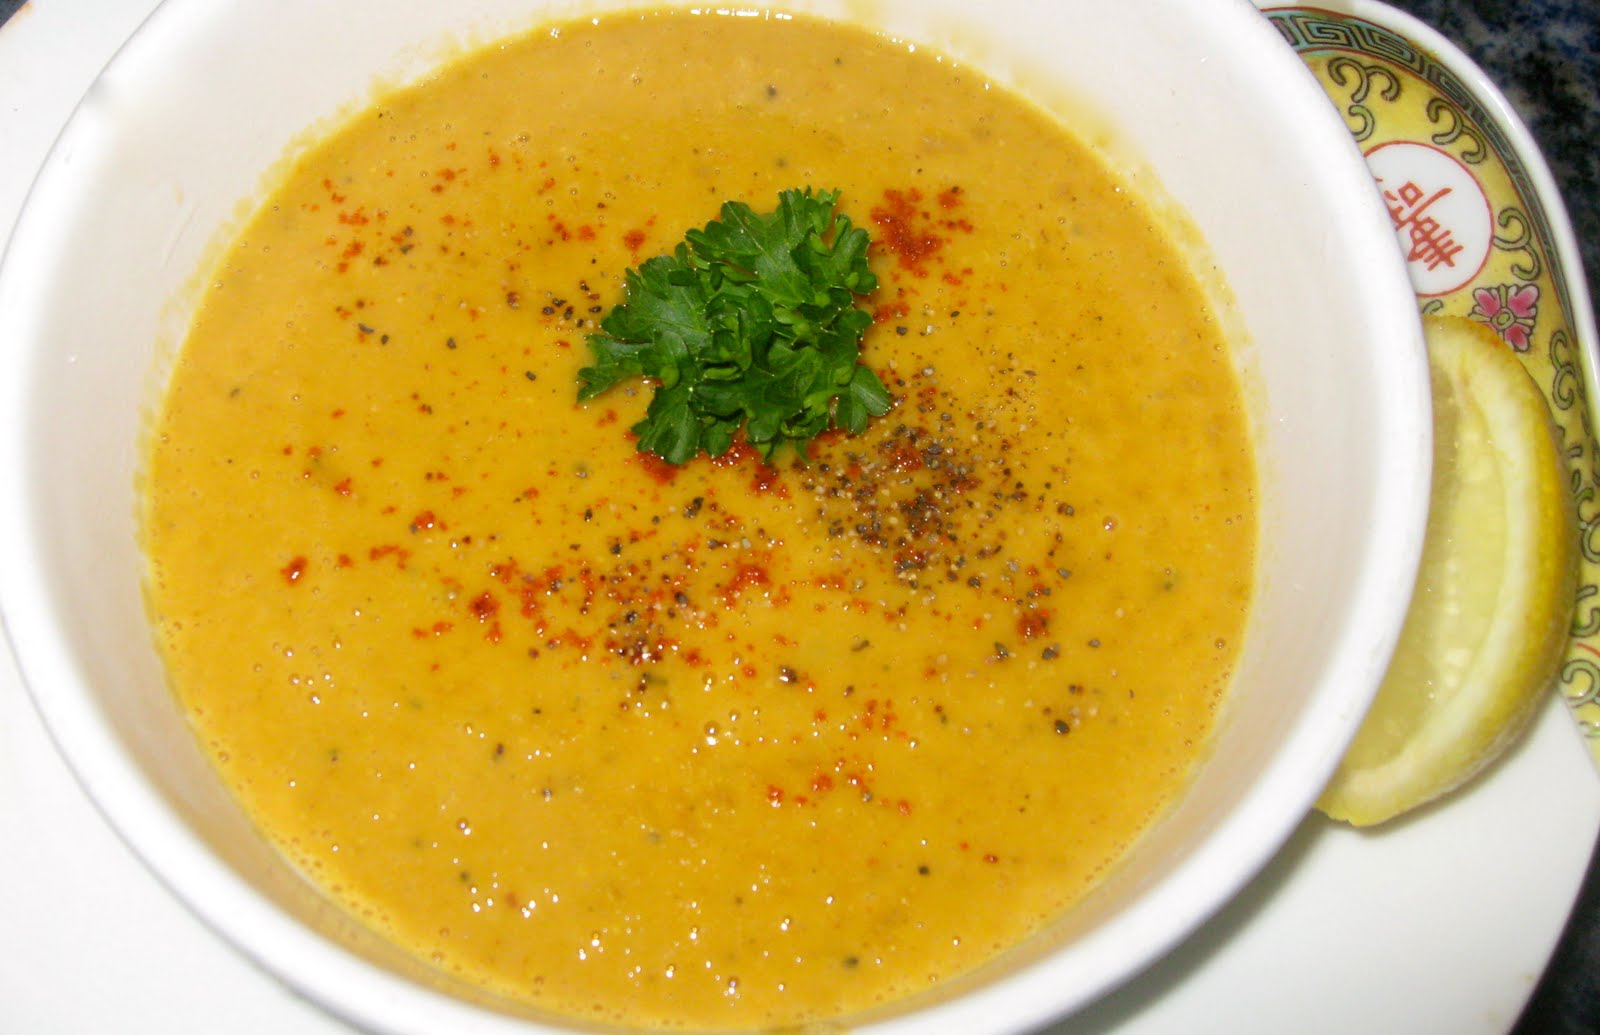 Lentil soup was blended in a blender ( photo )